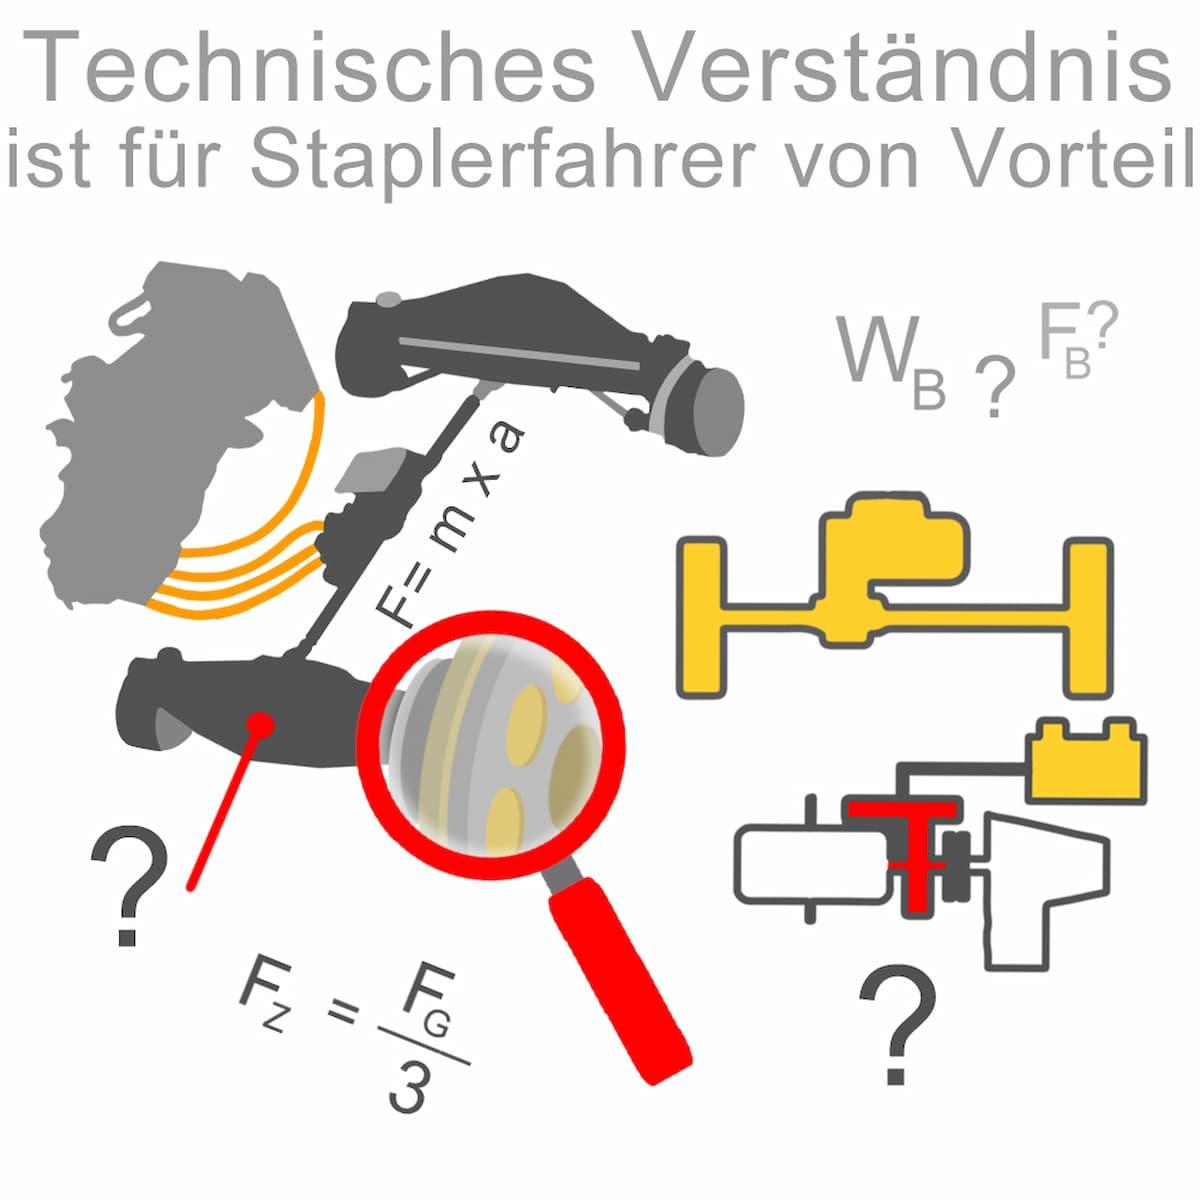 Technisches Verständnis ist für Staplerfahrer vorteilhaft